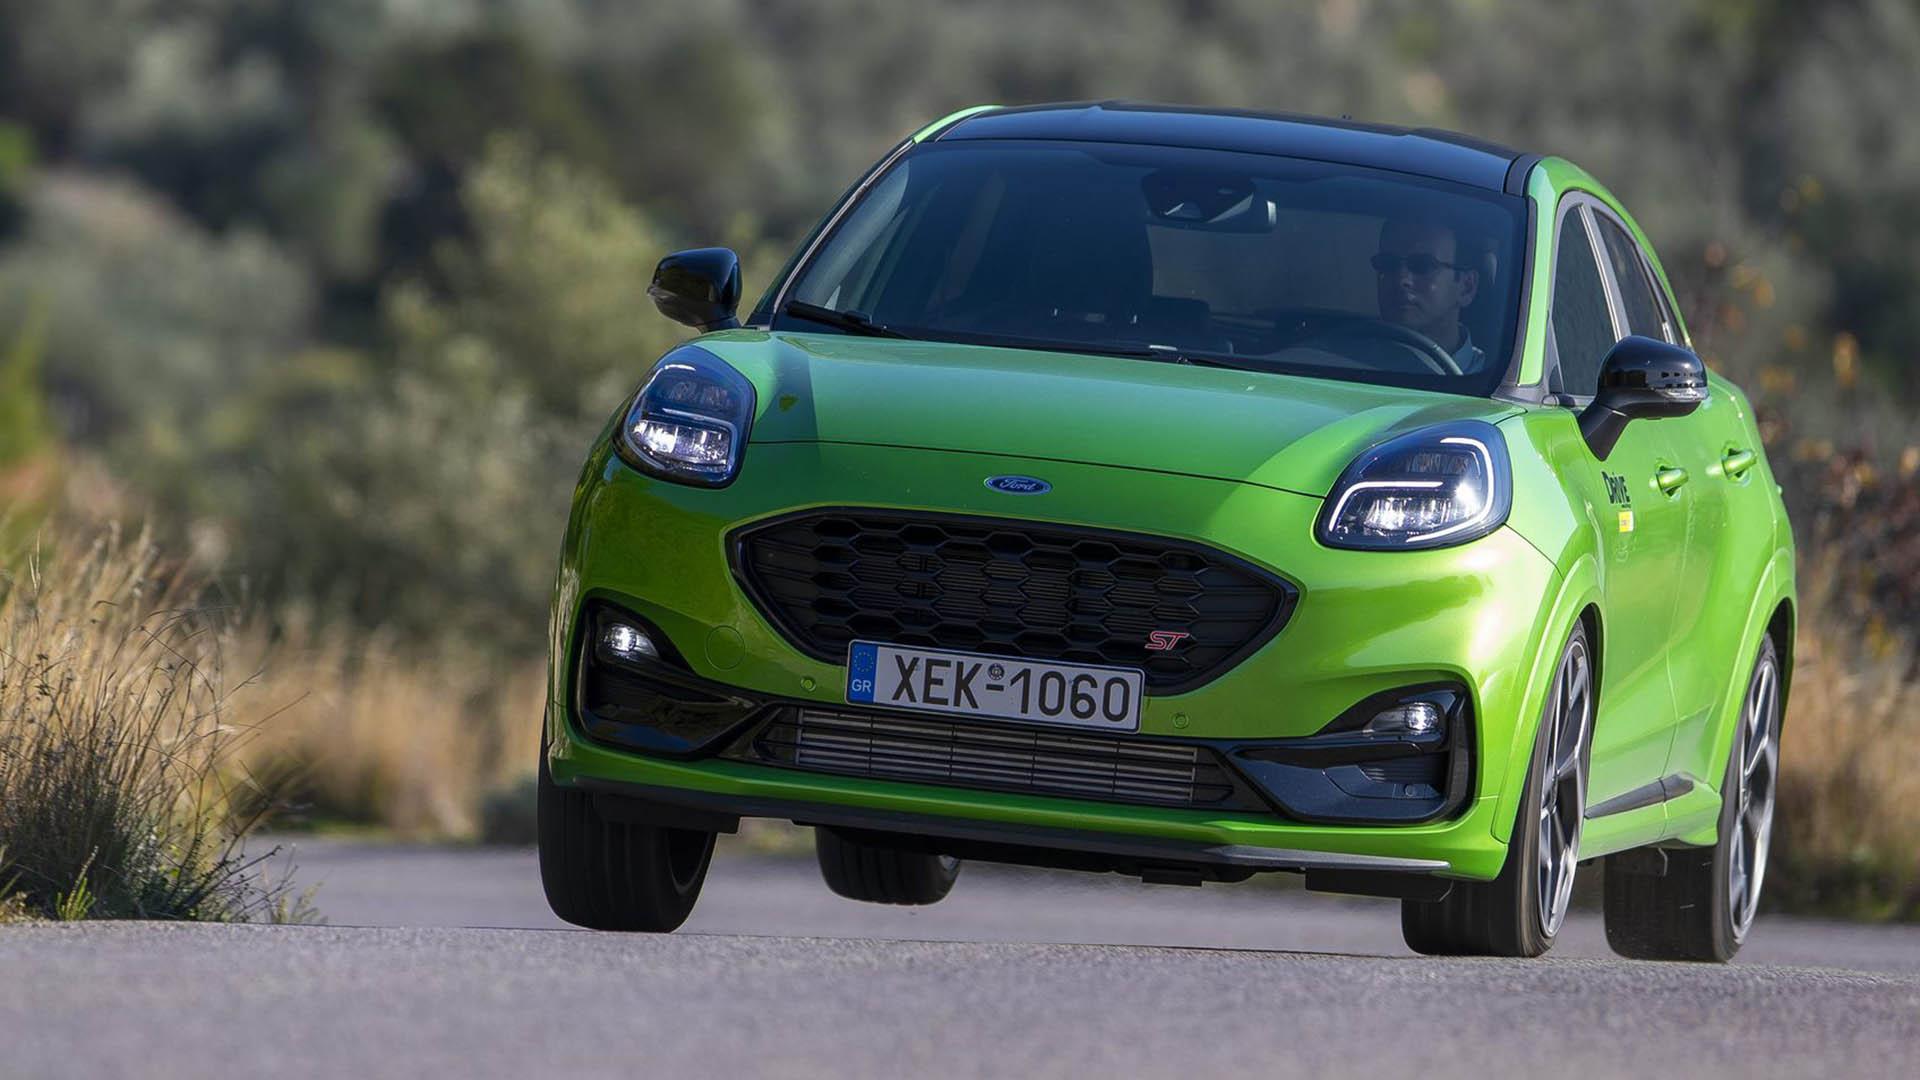 Νέο Ford Puma ST: Δοκιμάζουμε την σπορ έκδοση του μικρού SUV της Ford (video)